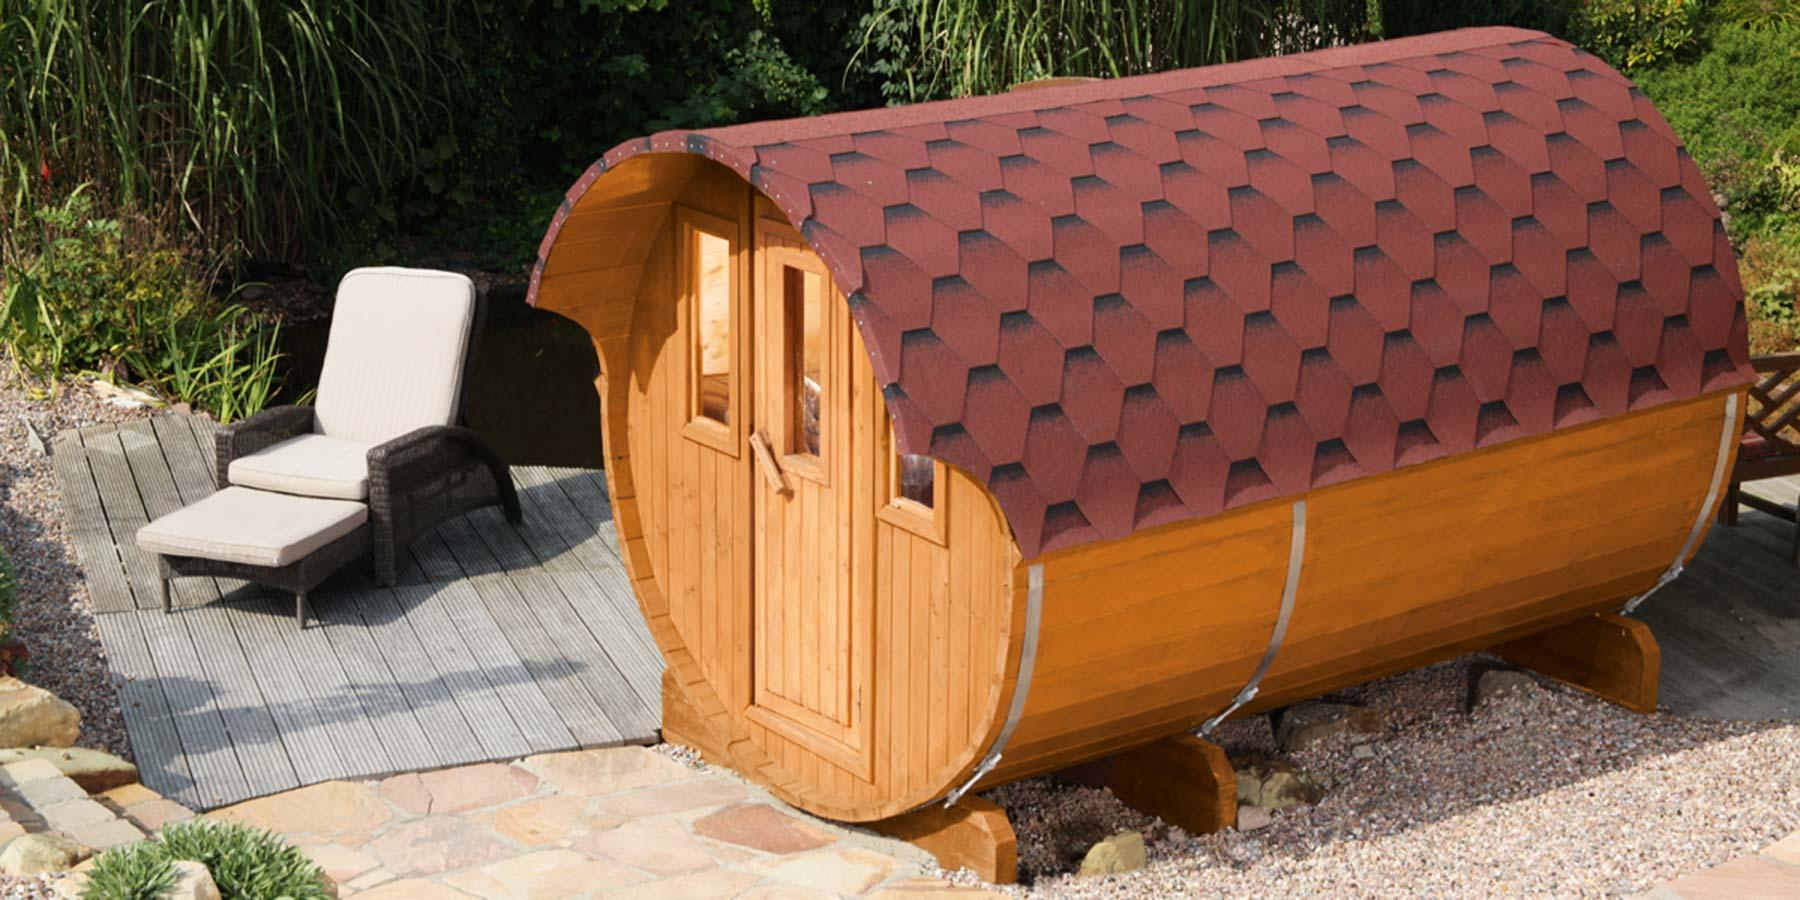 Saunafässer im Garten HolzLand Verbeek in Straelen